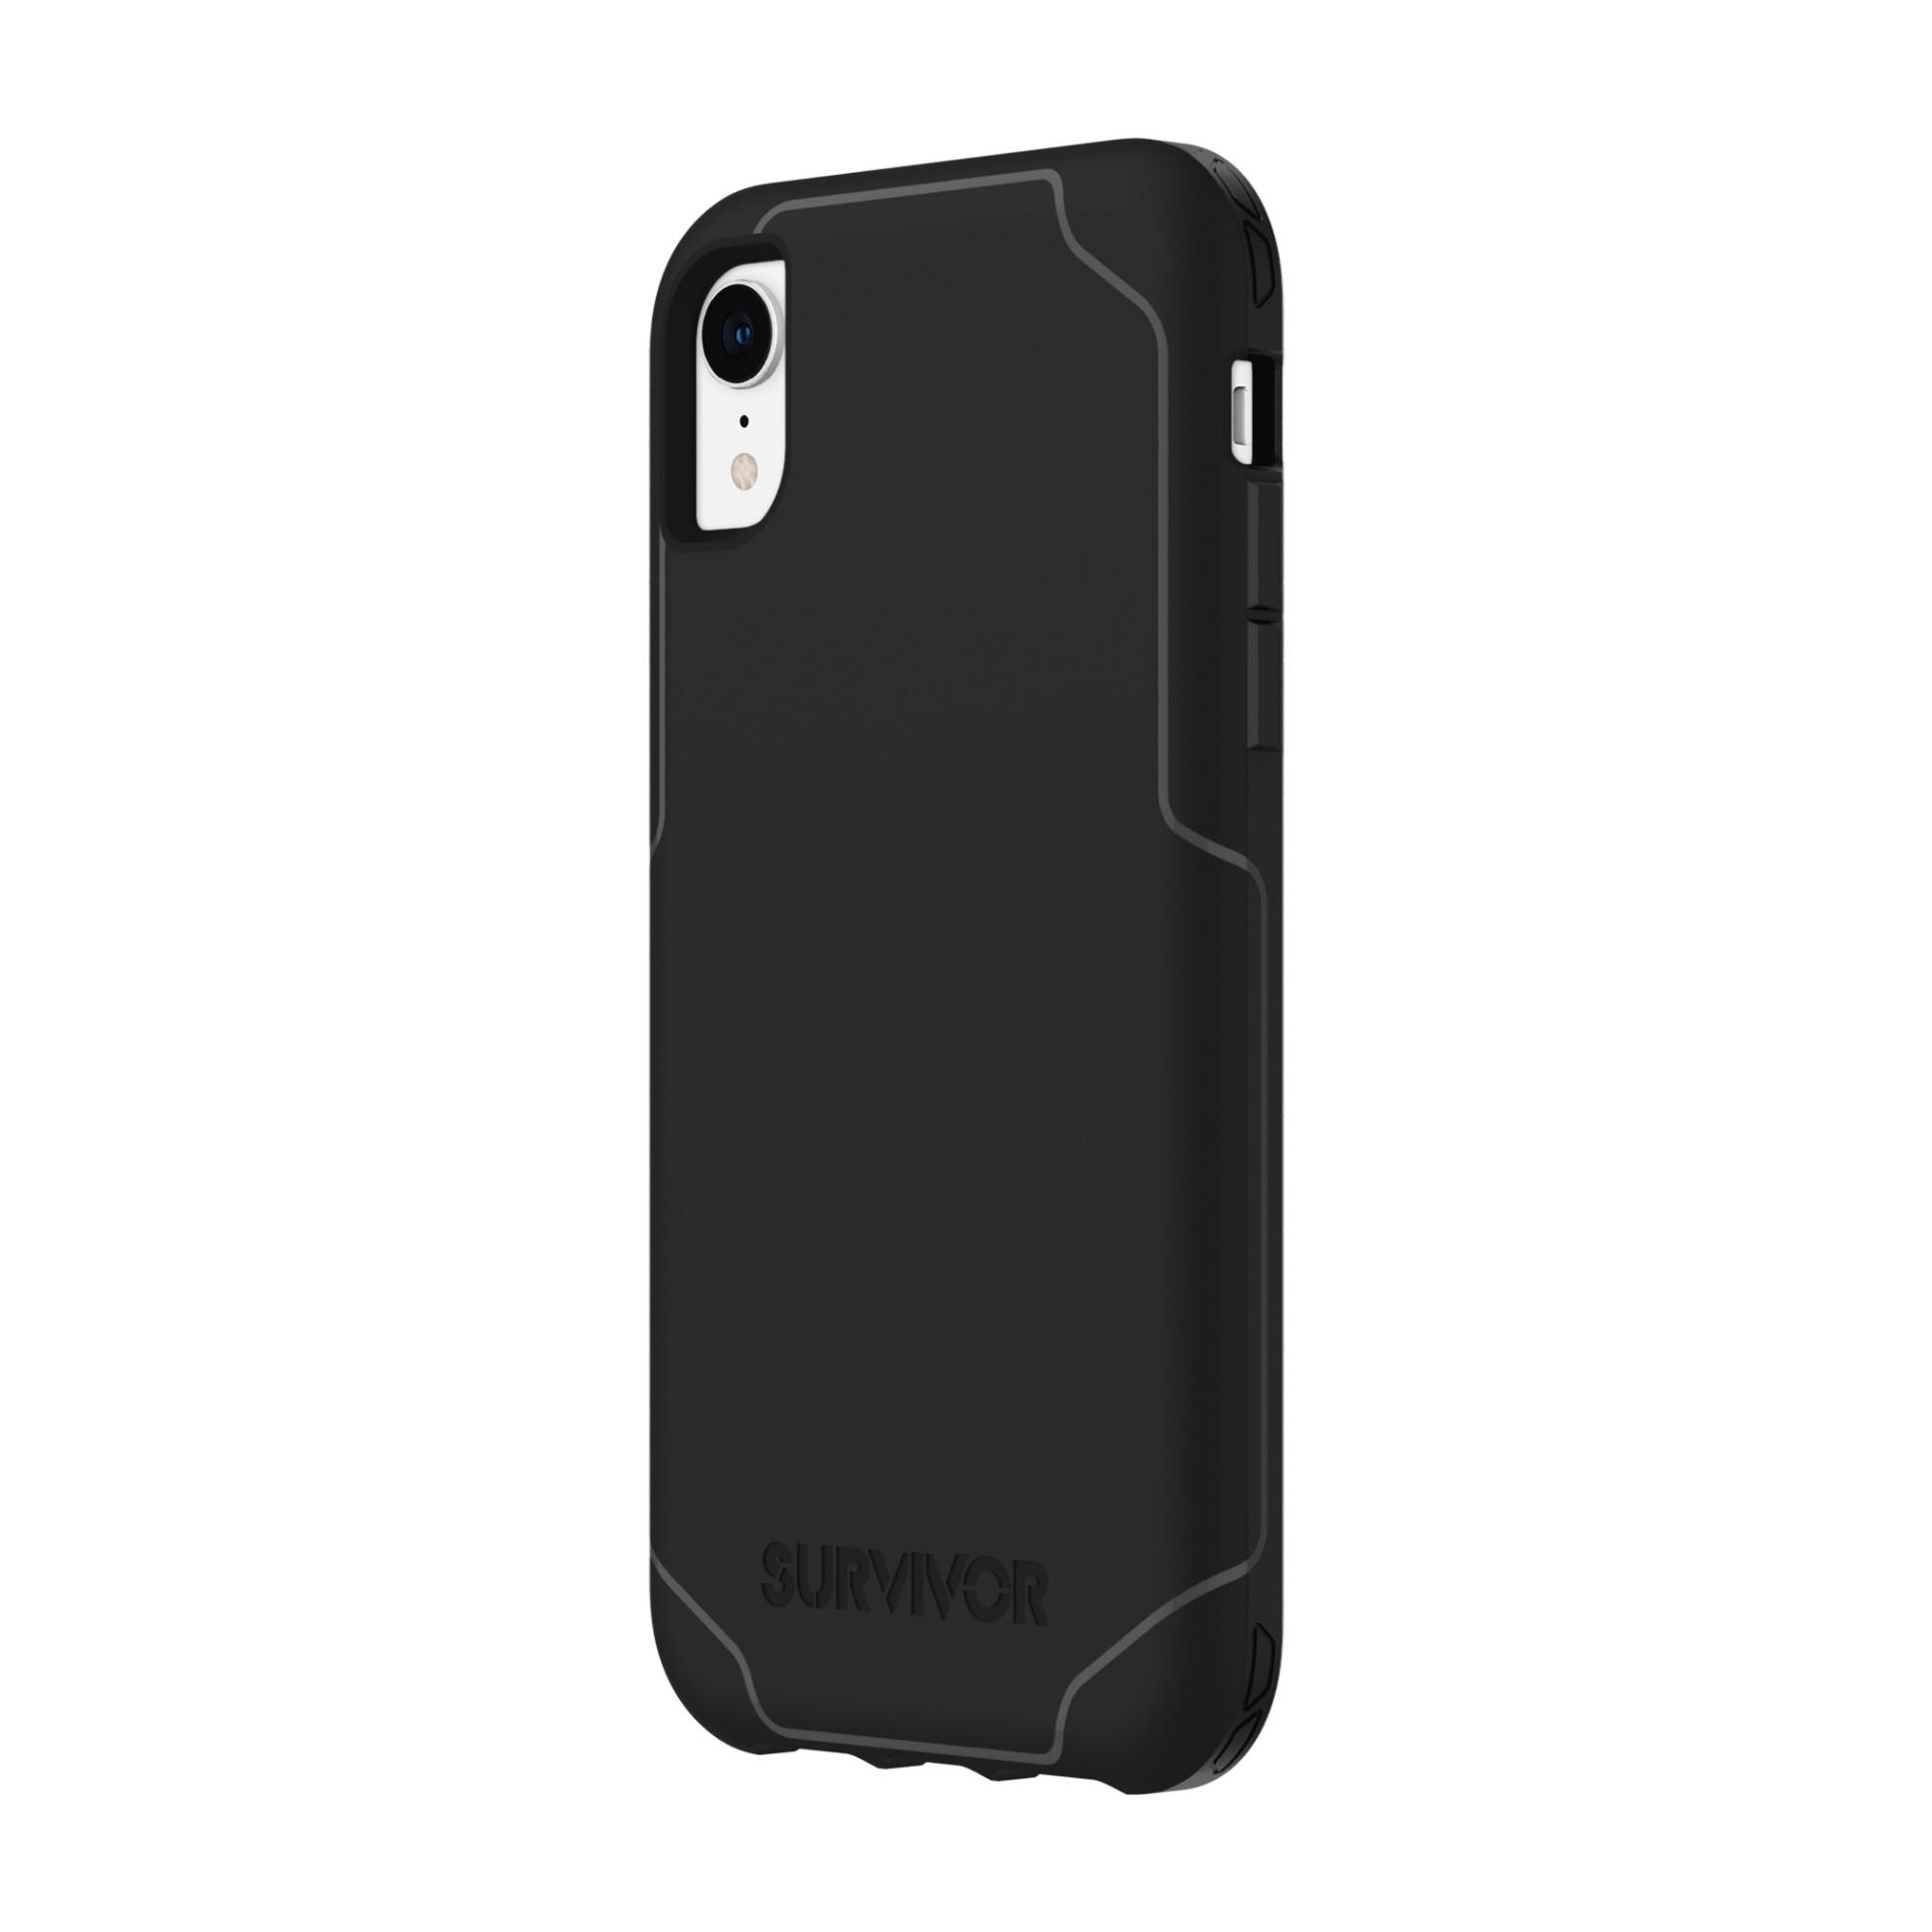 """Incipio Survivor Strong mobile phone case 15.5 cm (6.1"""") Cover Black"""